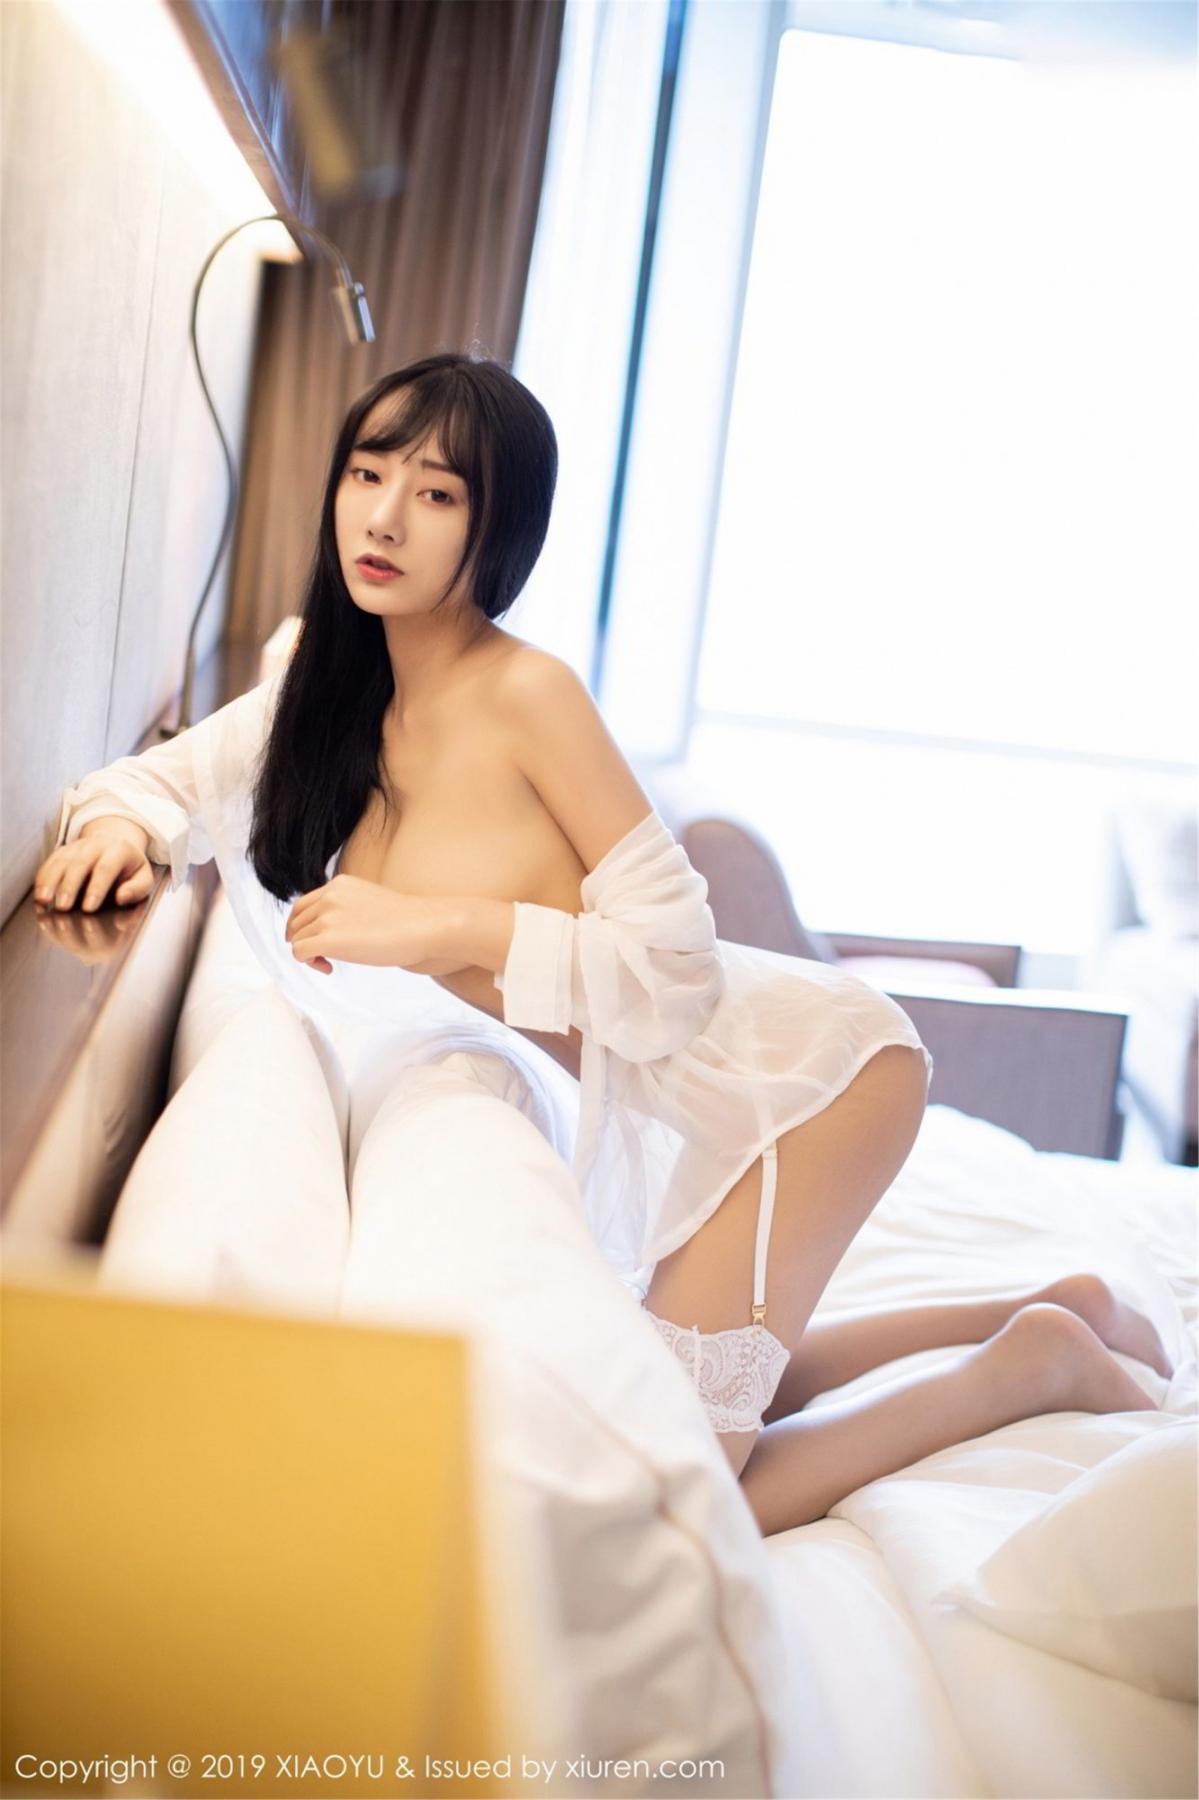 [XiaoYu] Vol.076 He Jia Ying 59P, He Jia Ying, Underwear, XiaoYu